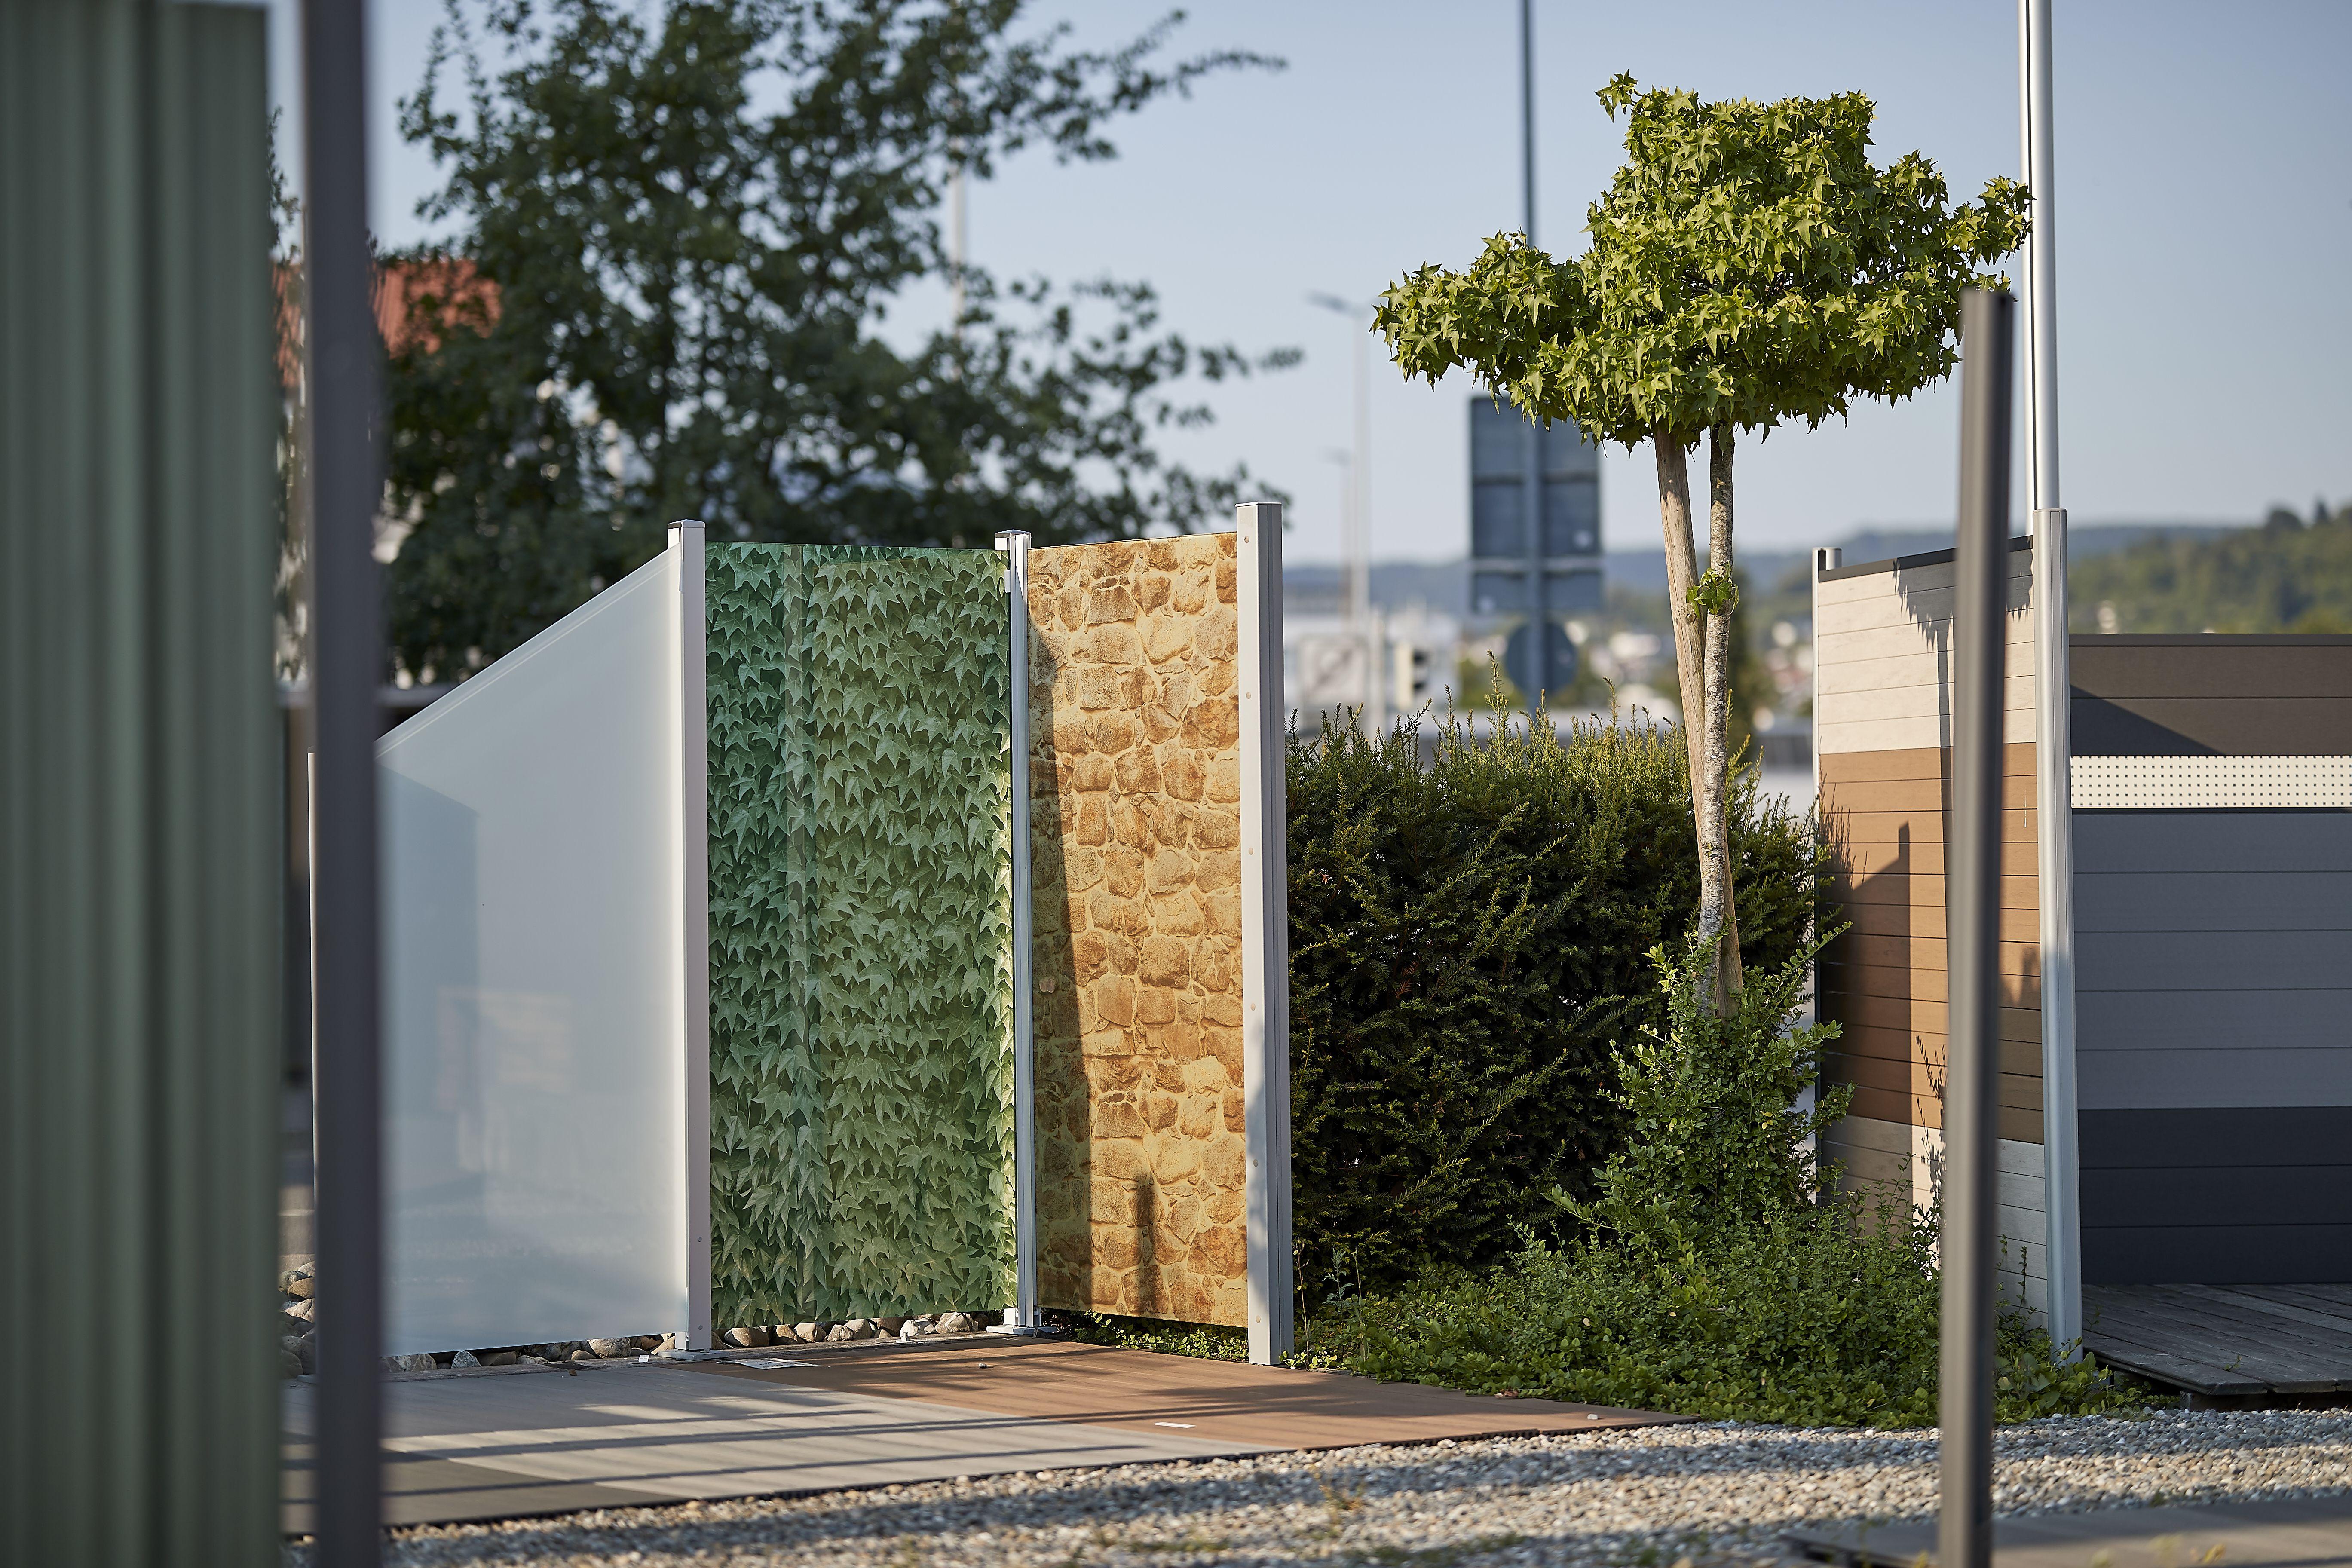 Holz Braun In Reutlingen Sichtschutz Aus Glas Mit Verschiedenen Motiven Holz Im Garten Gartenzaun Holz Gartenzaun